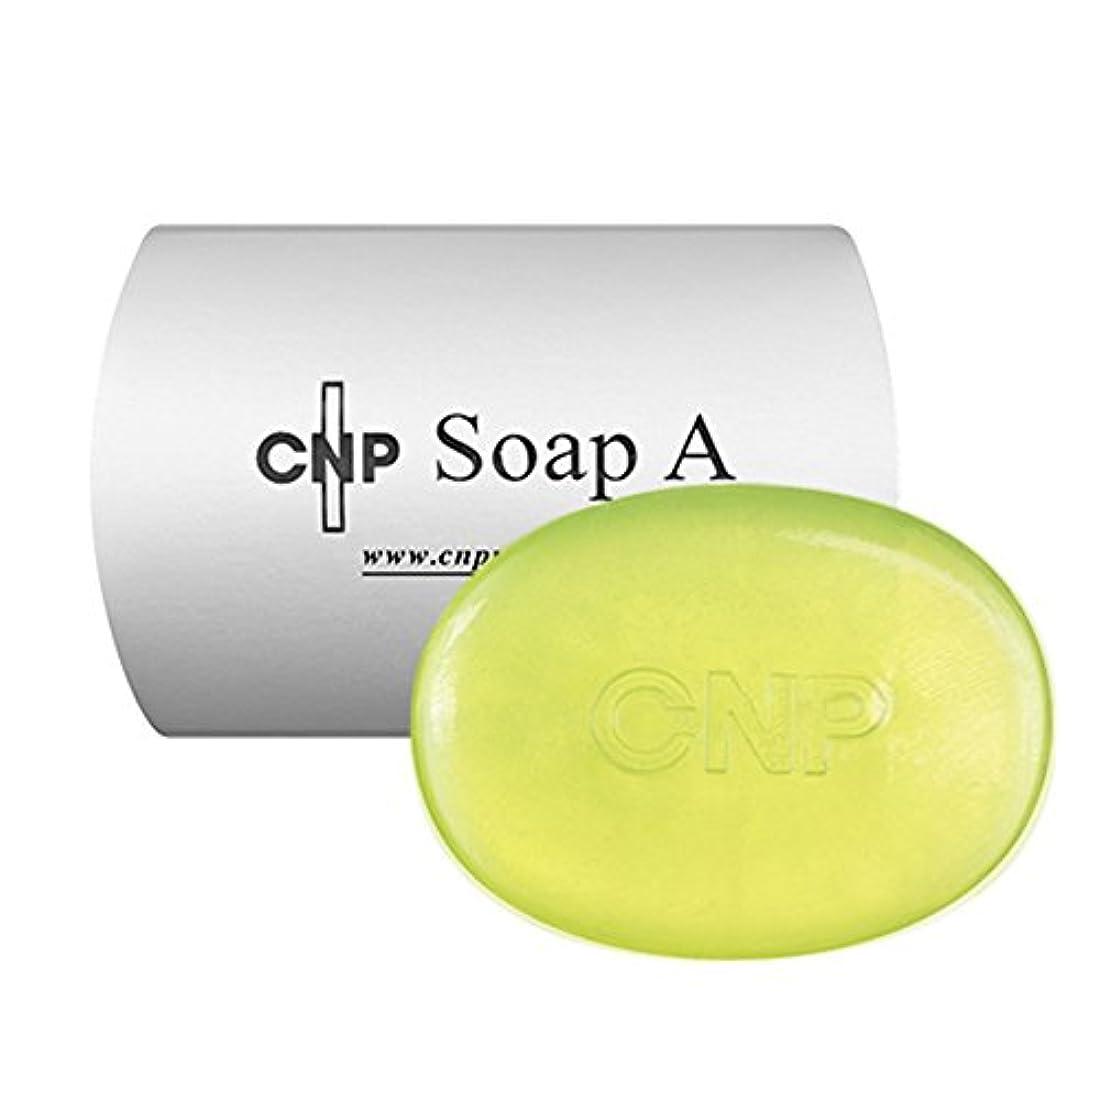 鉄道駅ゴミカエルCNP Soap A チャアンドパク ソープ A [並行輸入品]